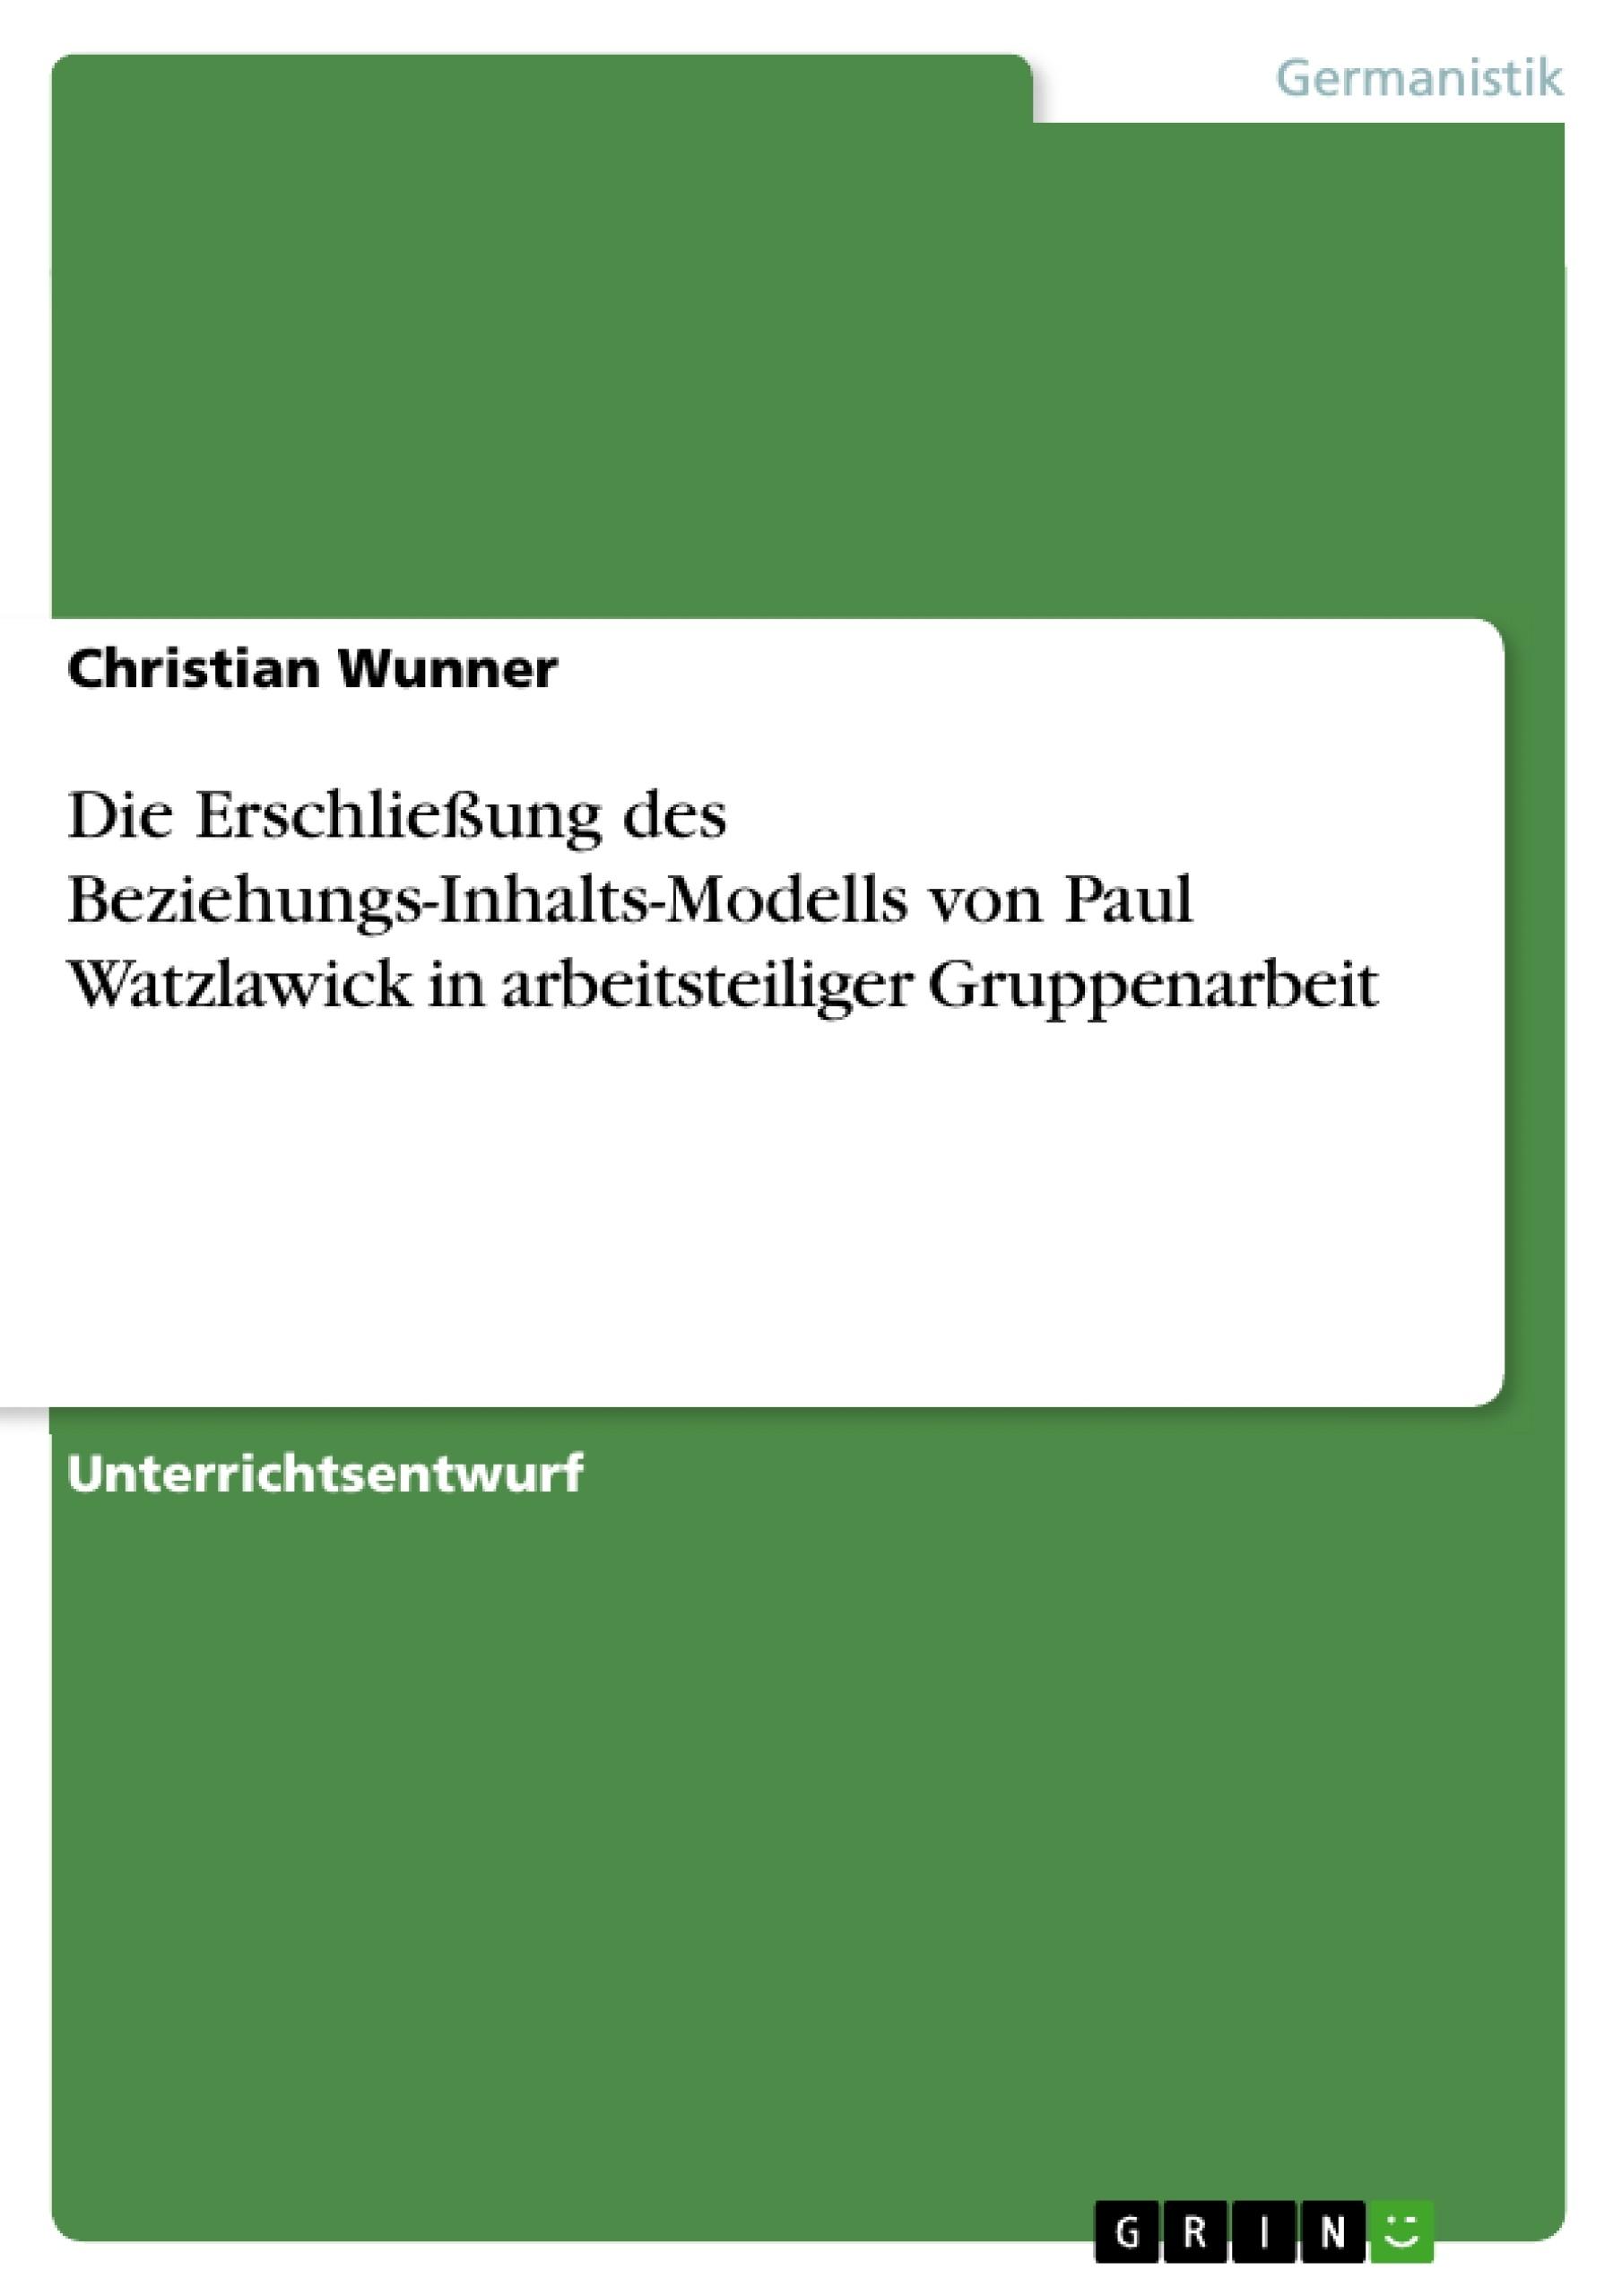 Titel: Die Erschließung des Beziehungs-Inhalts-Modells von Paul Watzlawick in arbeitsteiliger Gruppenarbeit